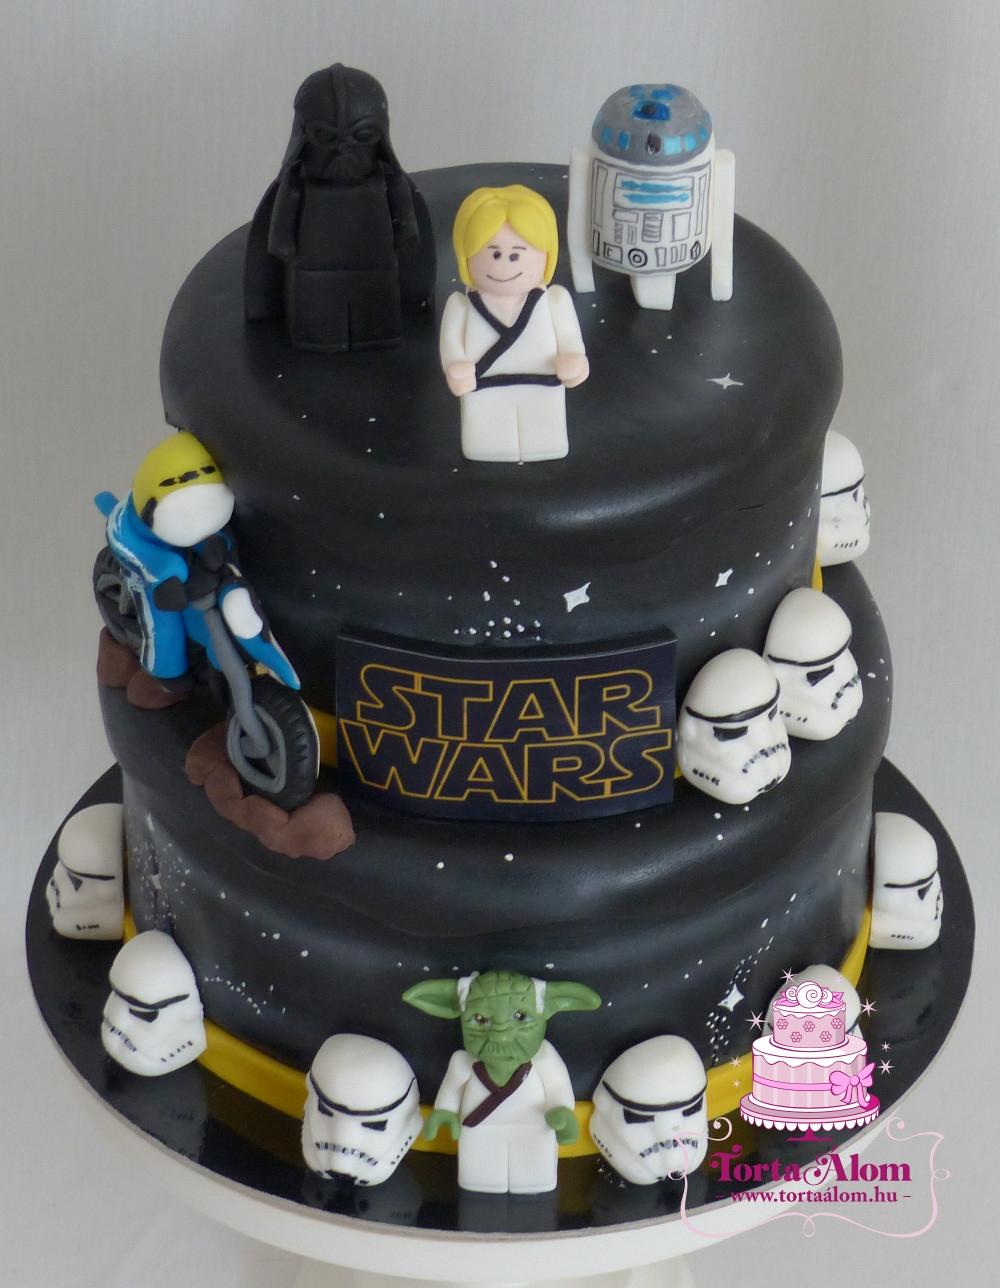 Eccezionale Tortaálom | Formatorta | Lego Star wars torta CG88